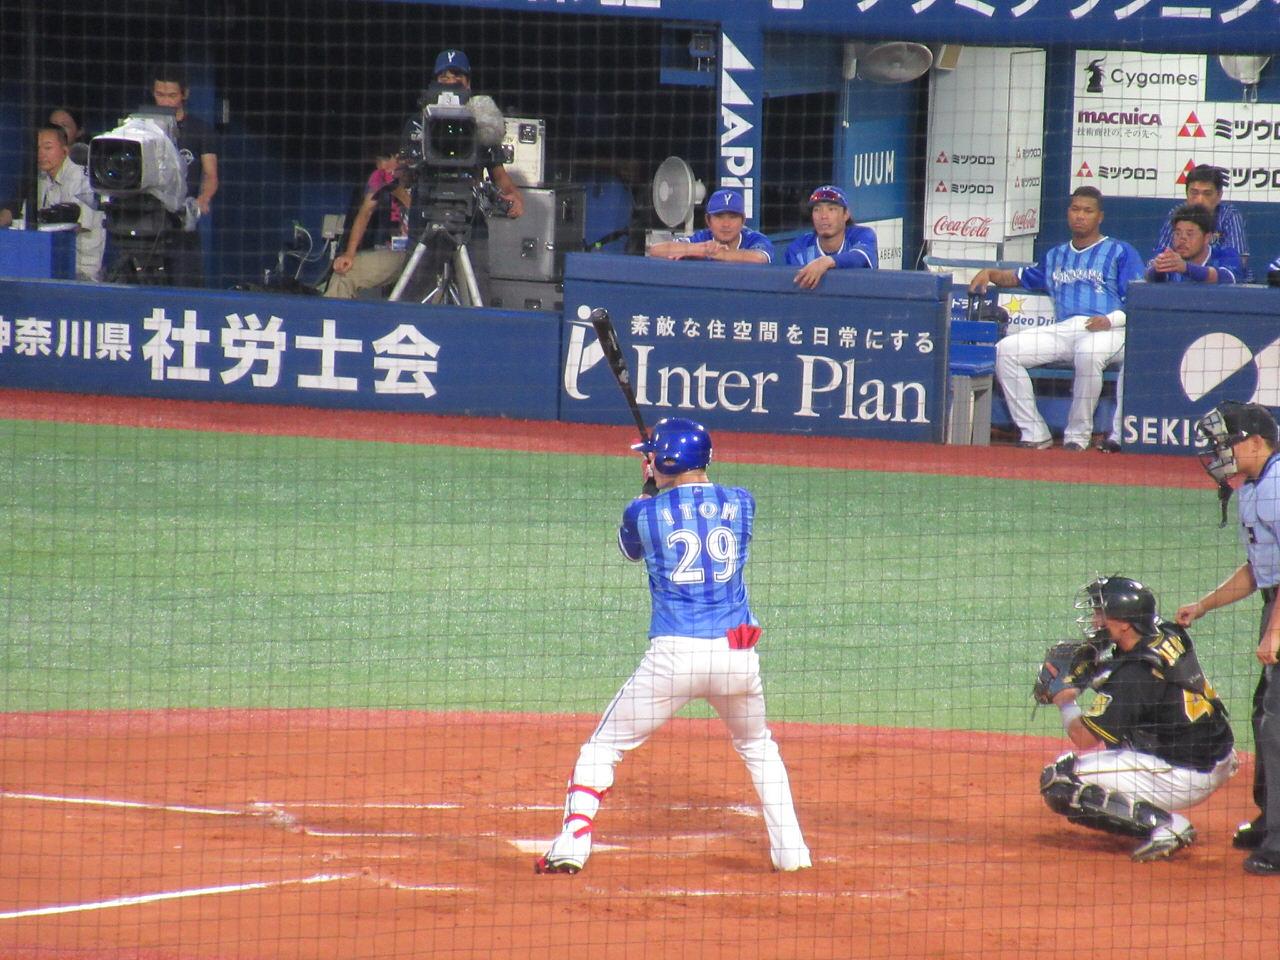 オリックスから移籍してきた伊藤光選手